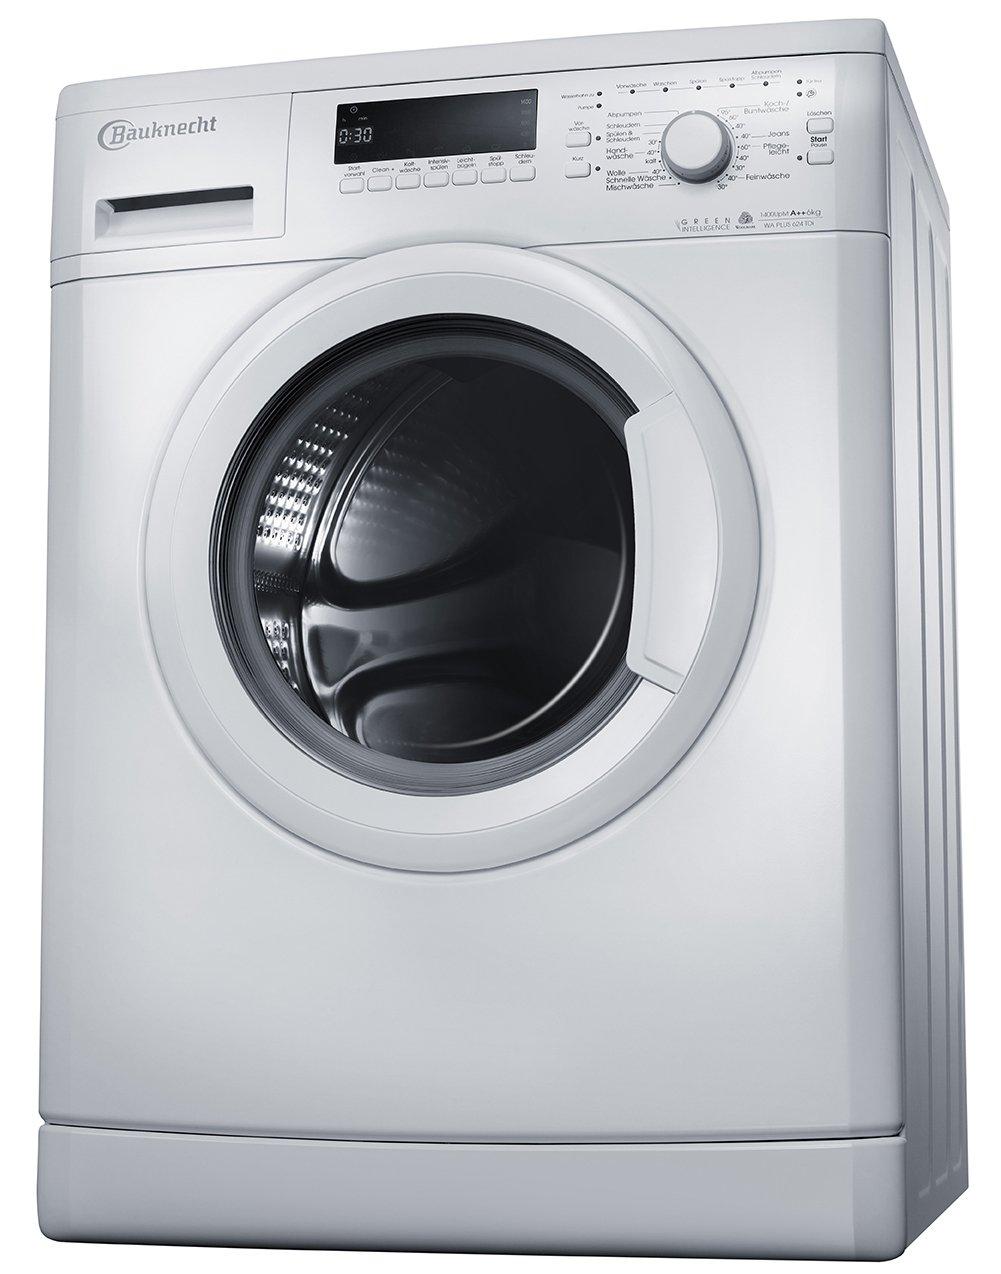 Bauknecht-WA-Plus-624-TDi-Waschmaschine-Frontlader-A-1400-UpM-6-kg-wei-Startzeitvorwahl-Vollwasserschutz-Small-display-unterbaufhig